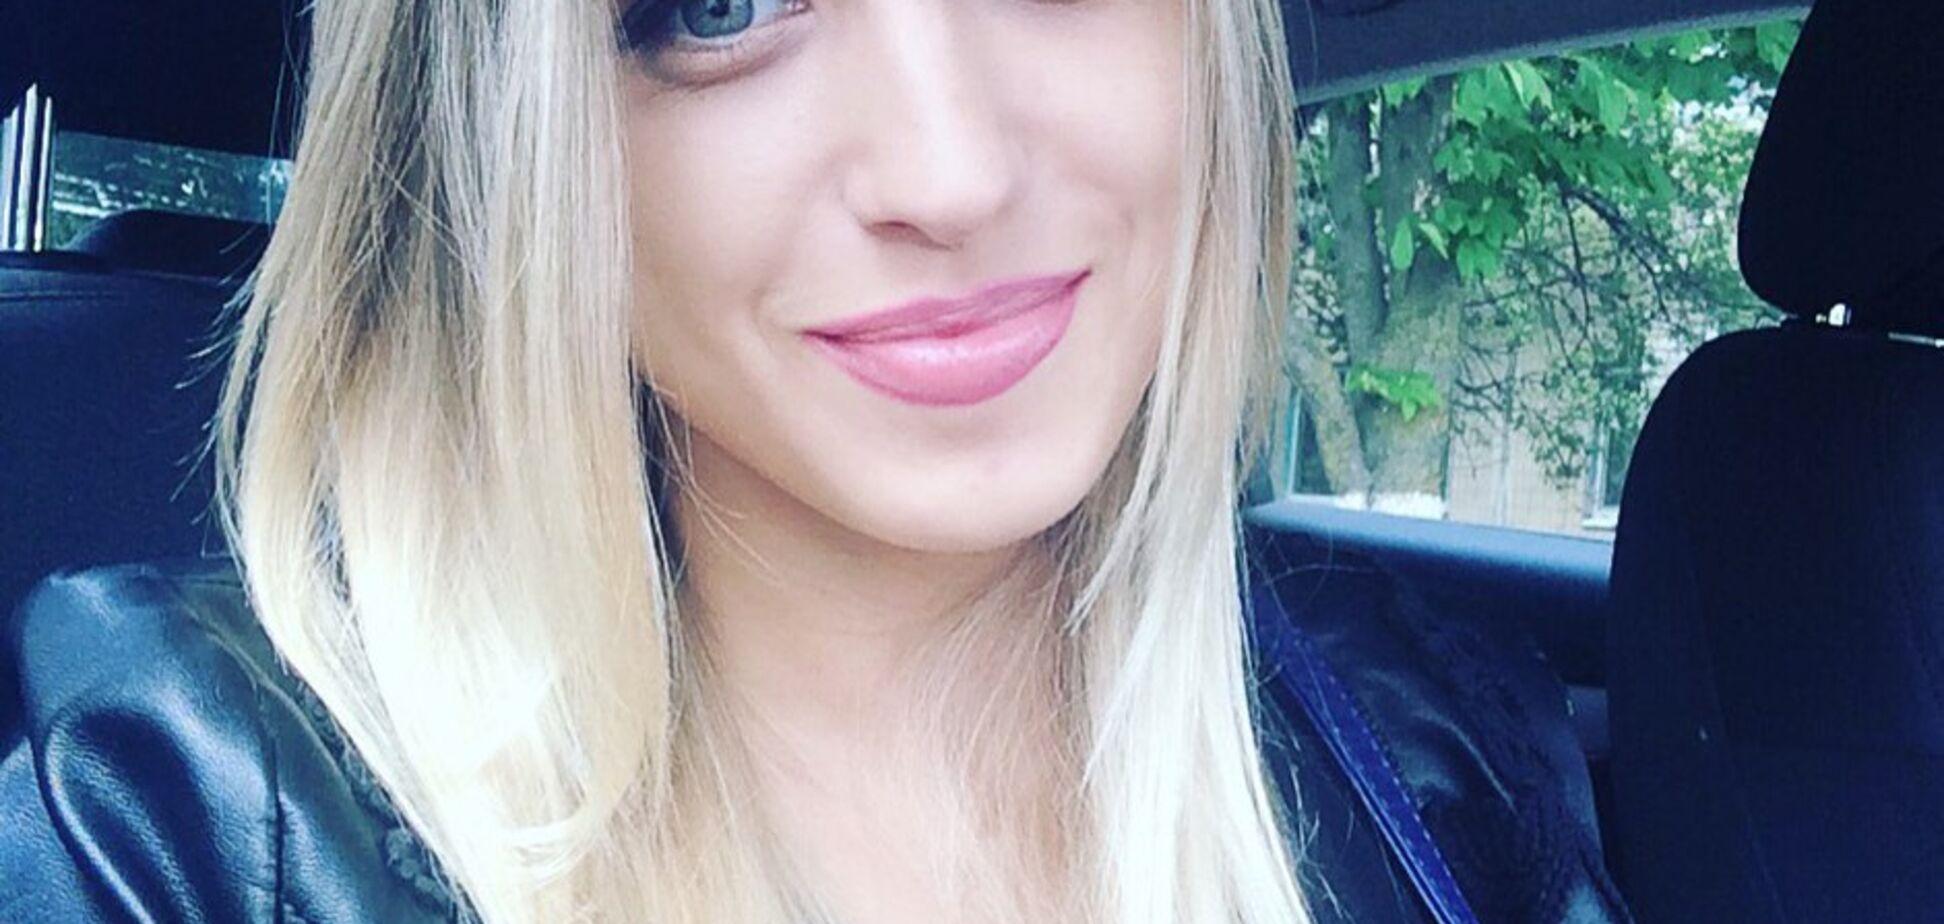 В России в страшном ДТП погибла чемпионка по фитнес-бикини: в сети показали фото девушки